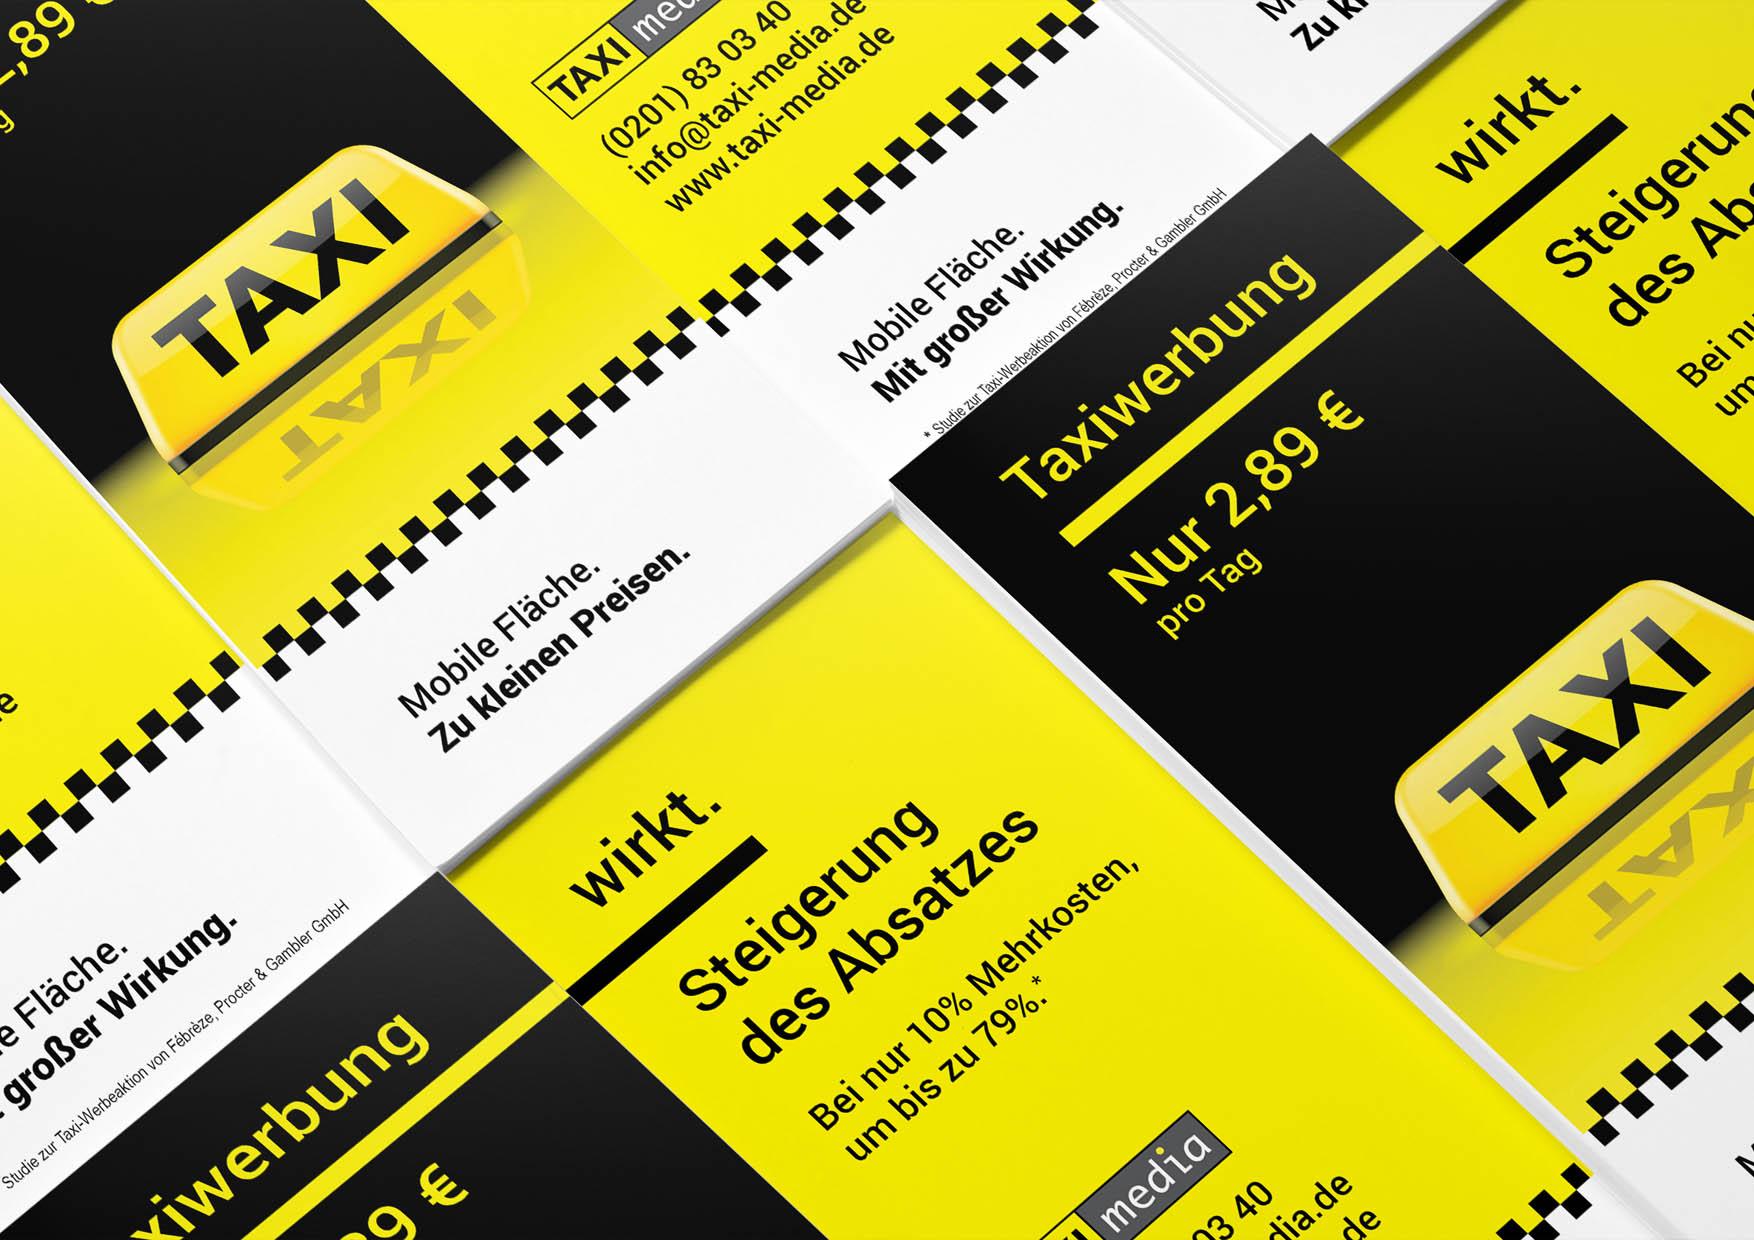 drucksachen-flyer-taxi